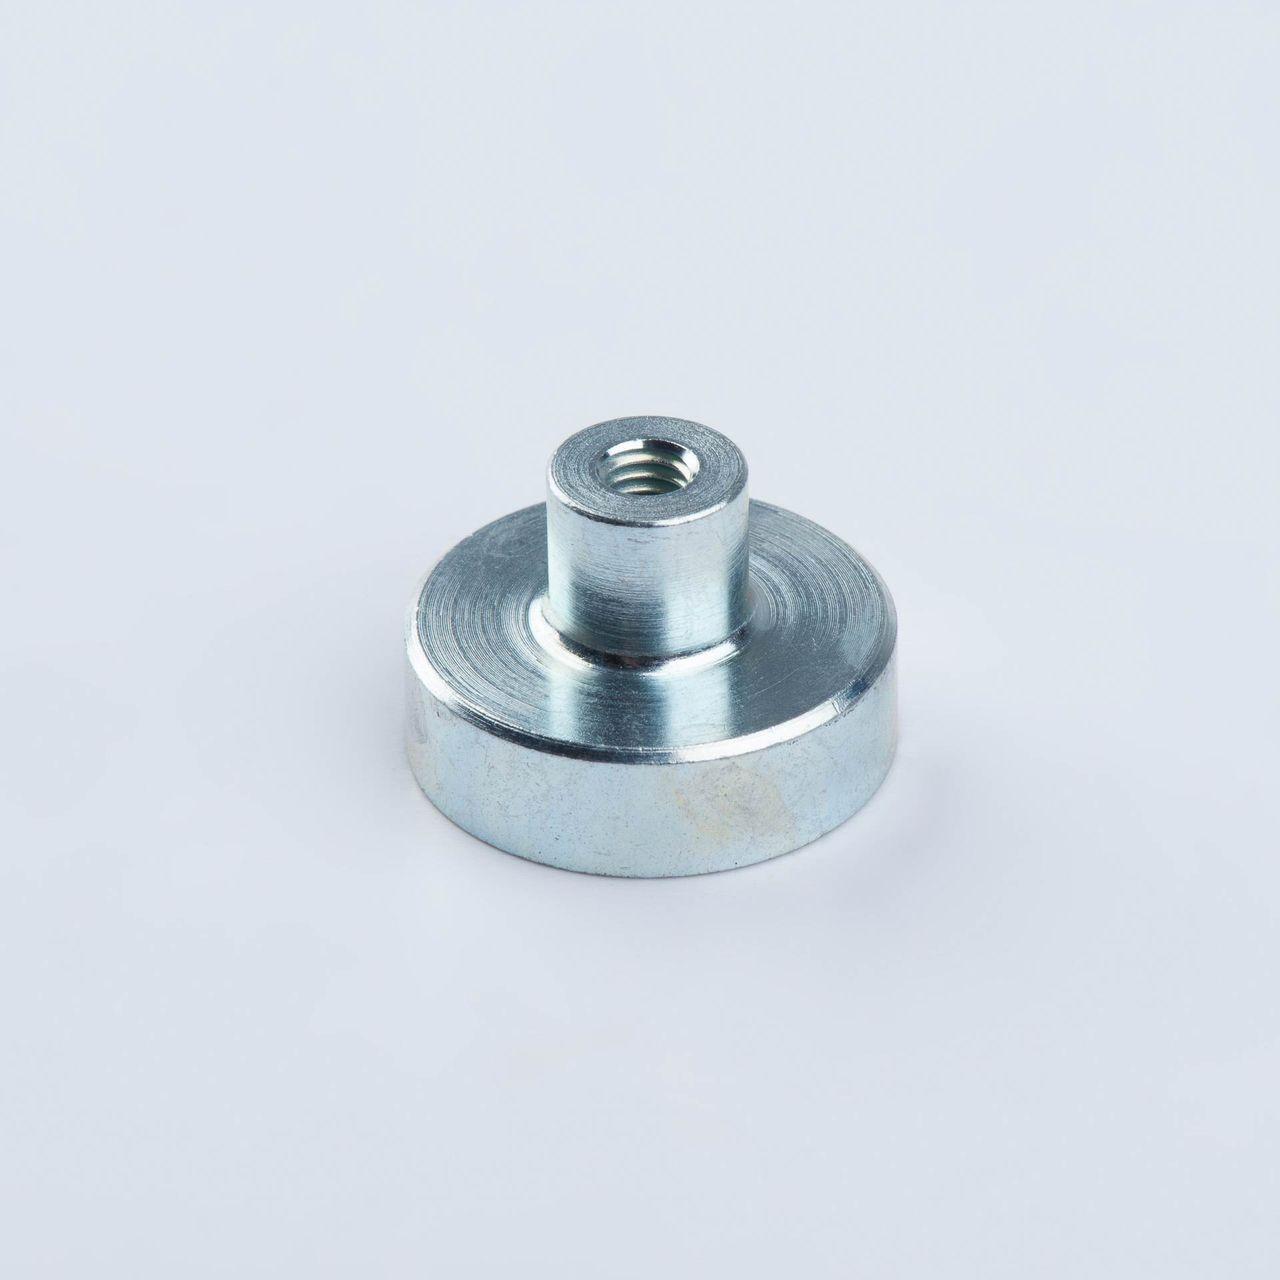 Pot magnet made of SmCo, with threaded bush, galvanized, thyssenkrupp Magnettechnik